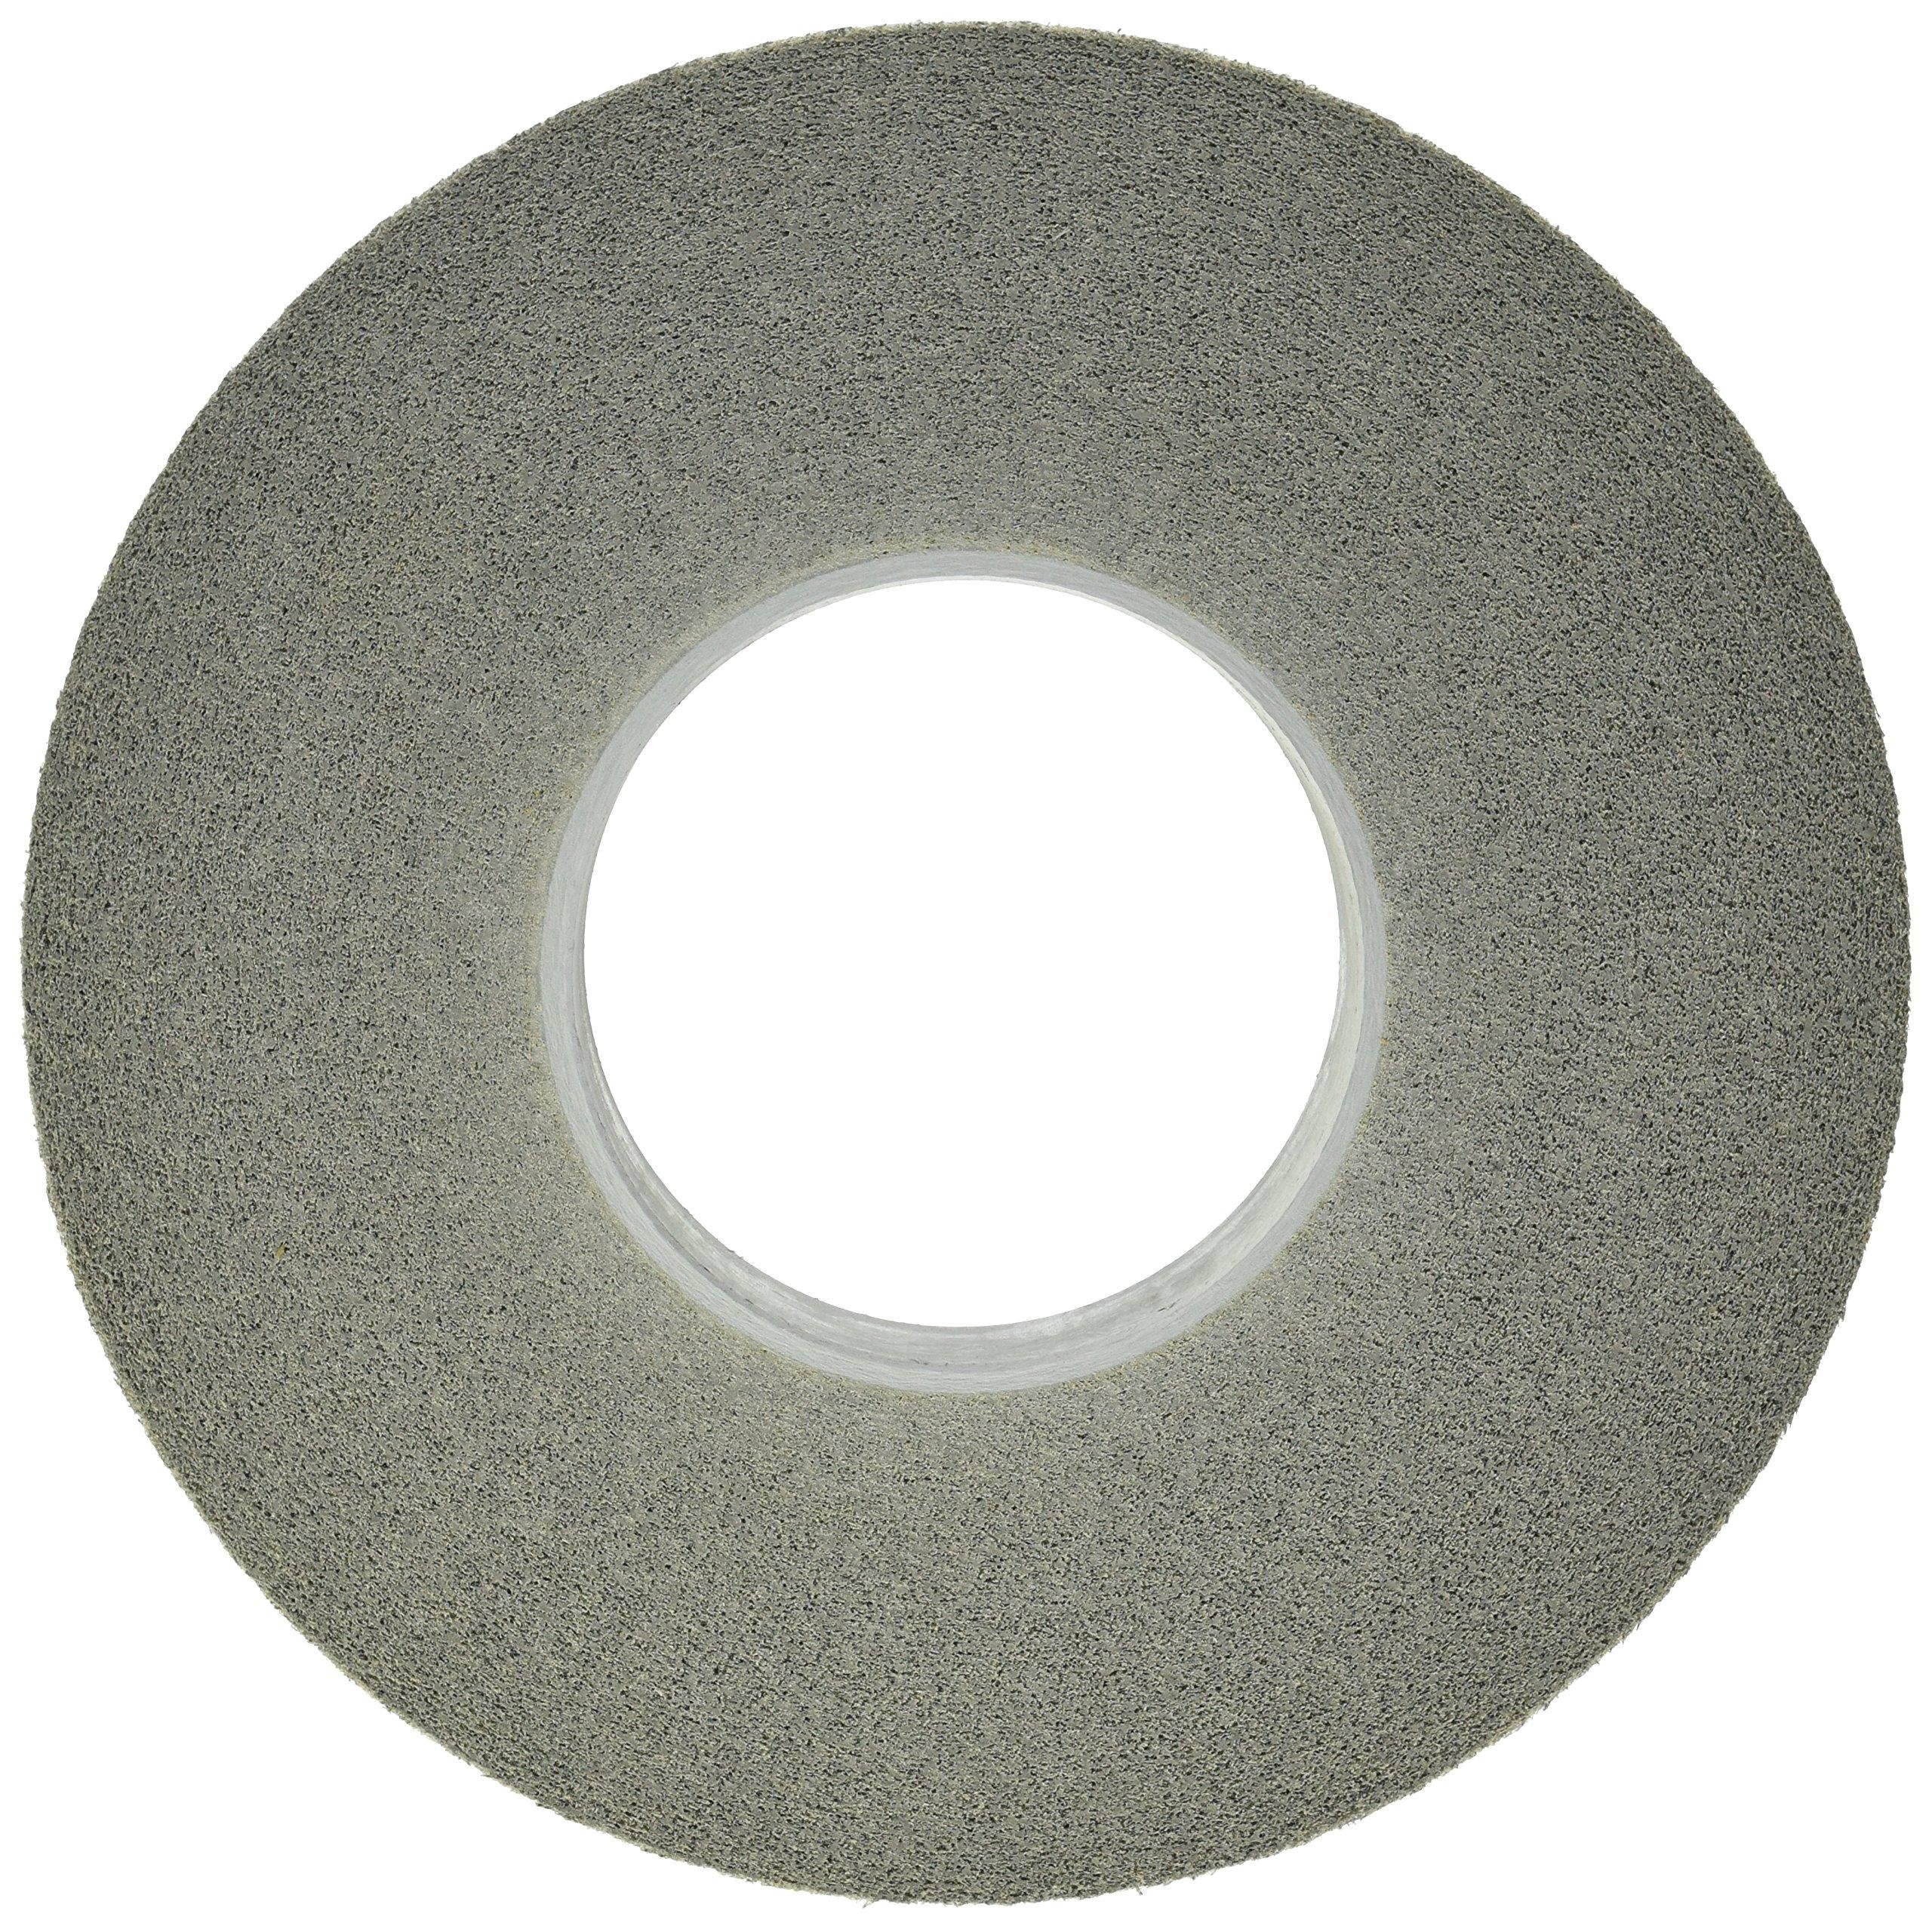 Scotch-Brite(TM) EXL Deburring Wheel, Silicon Carbide, 3000 rpm, 12 Diameter, 5 Arbor, 9S Fine Grit (Pack of 1)